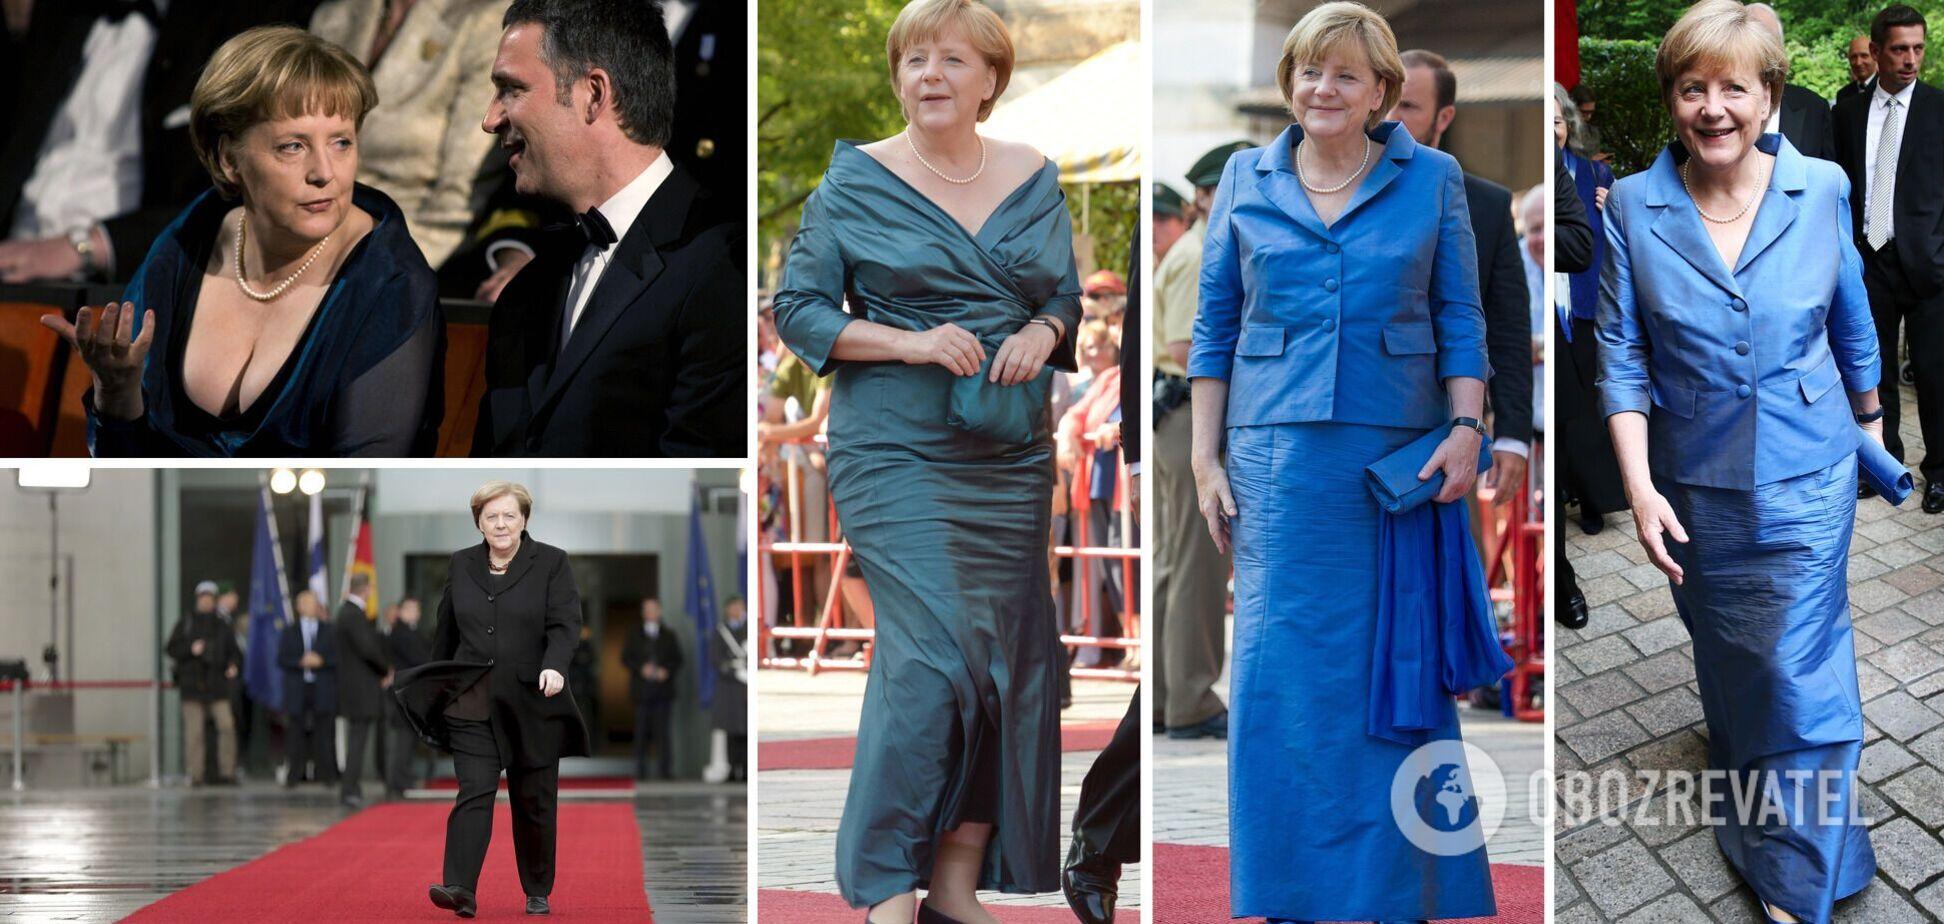 50 оттенков пиджака Ангелы Меркель: разбираем стиль самой влиятельной женщины мира